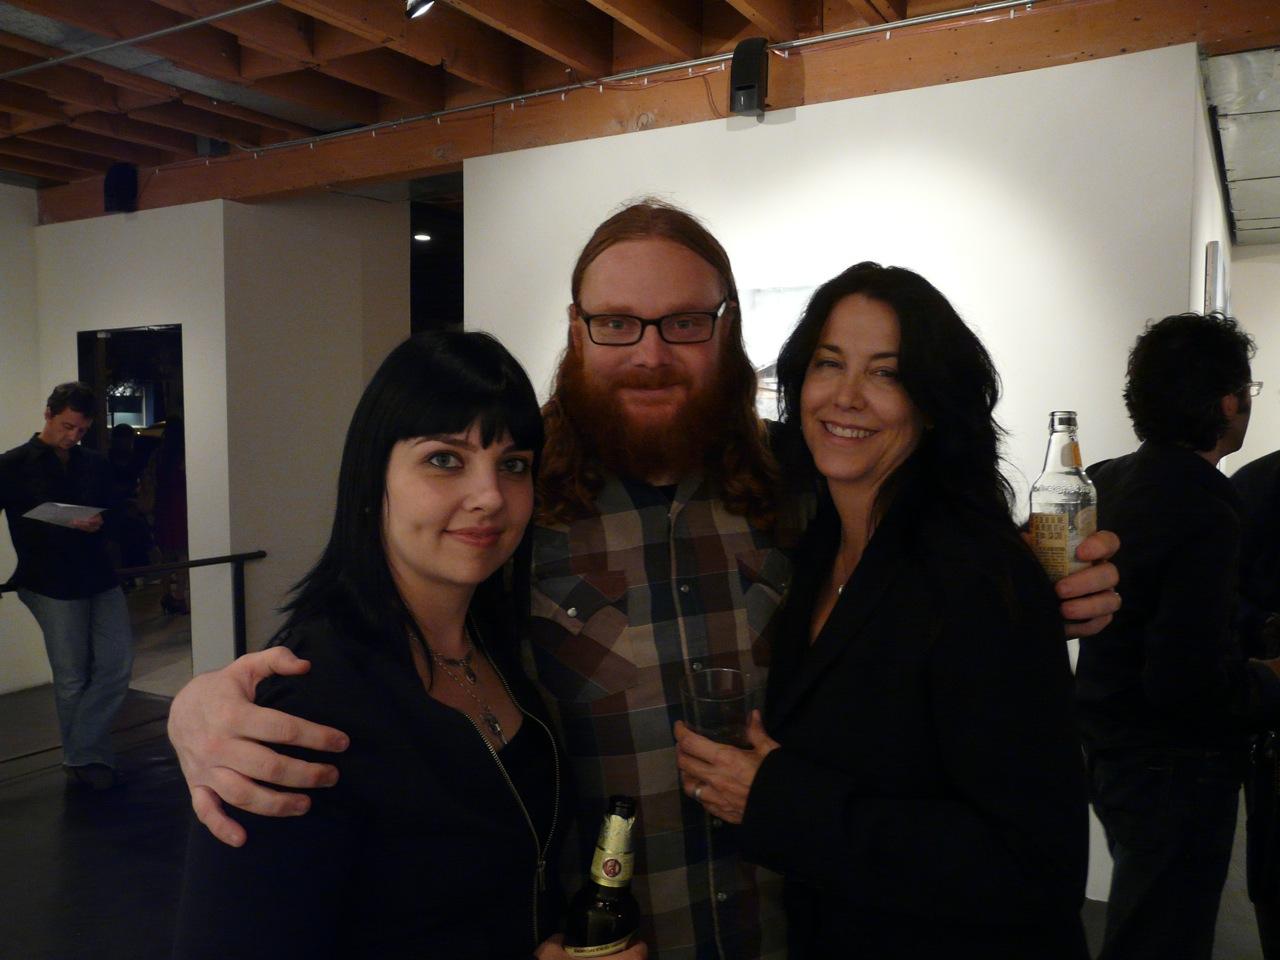 Mike Stilkey and ladies